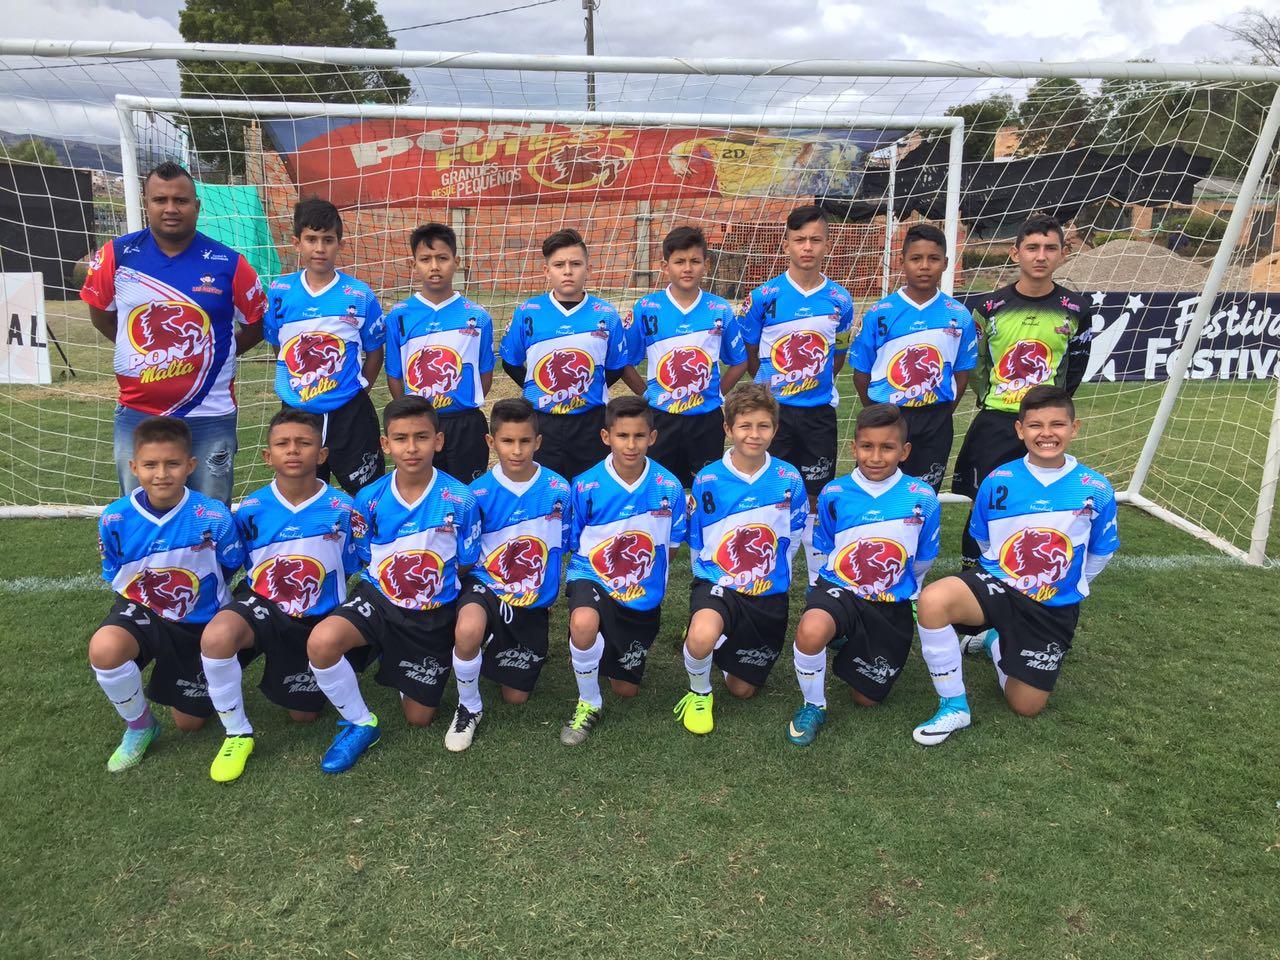 #EnAudio Equipo de Chivas FC, entre los cuatro mejores del Regional Pony Fútbol